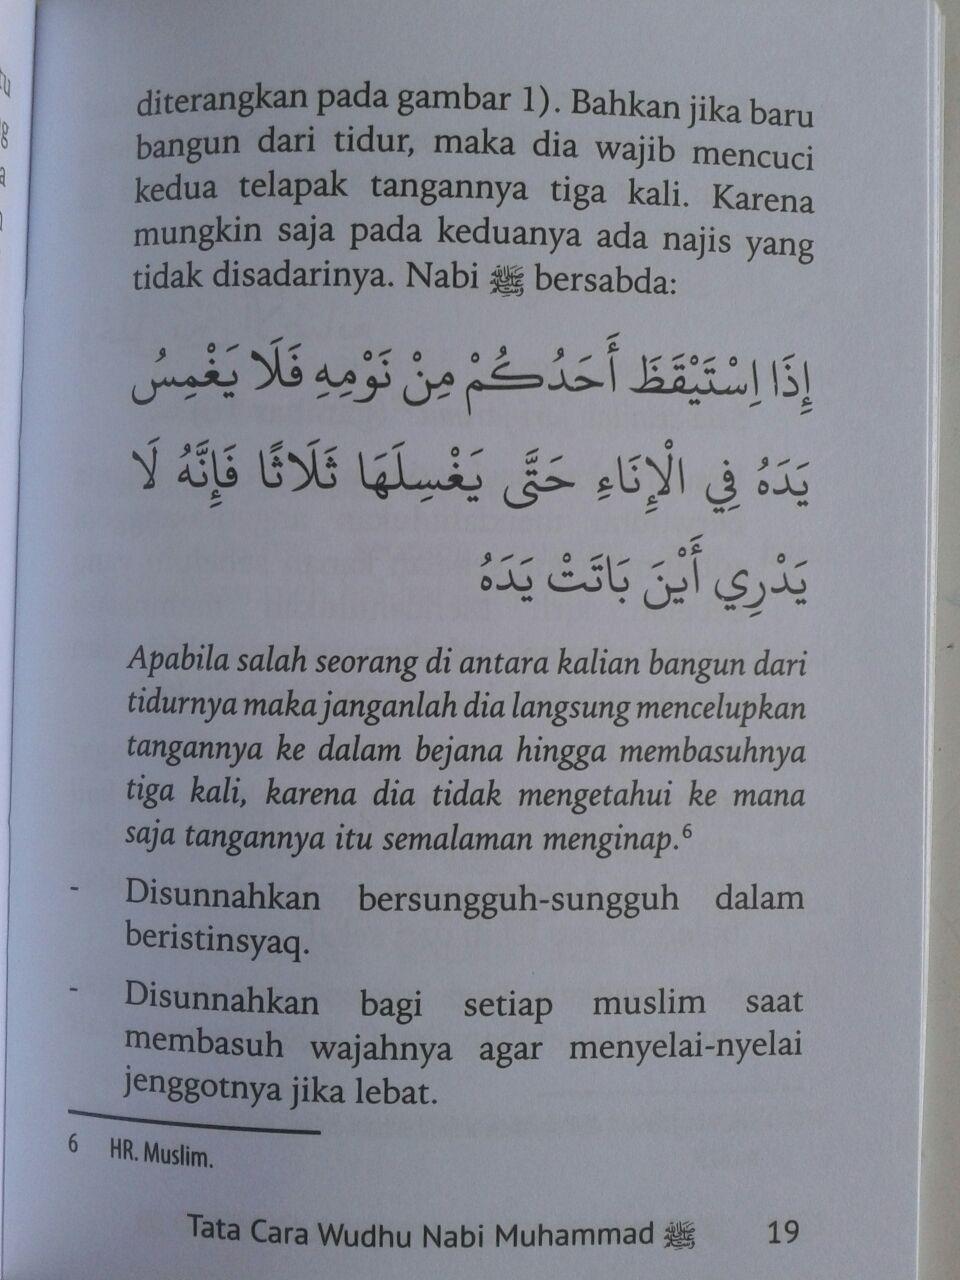 Buku Saku Tata Cara Wudhu Nabi Dilengkapi Mandi Janabah Tayamum isi 2